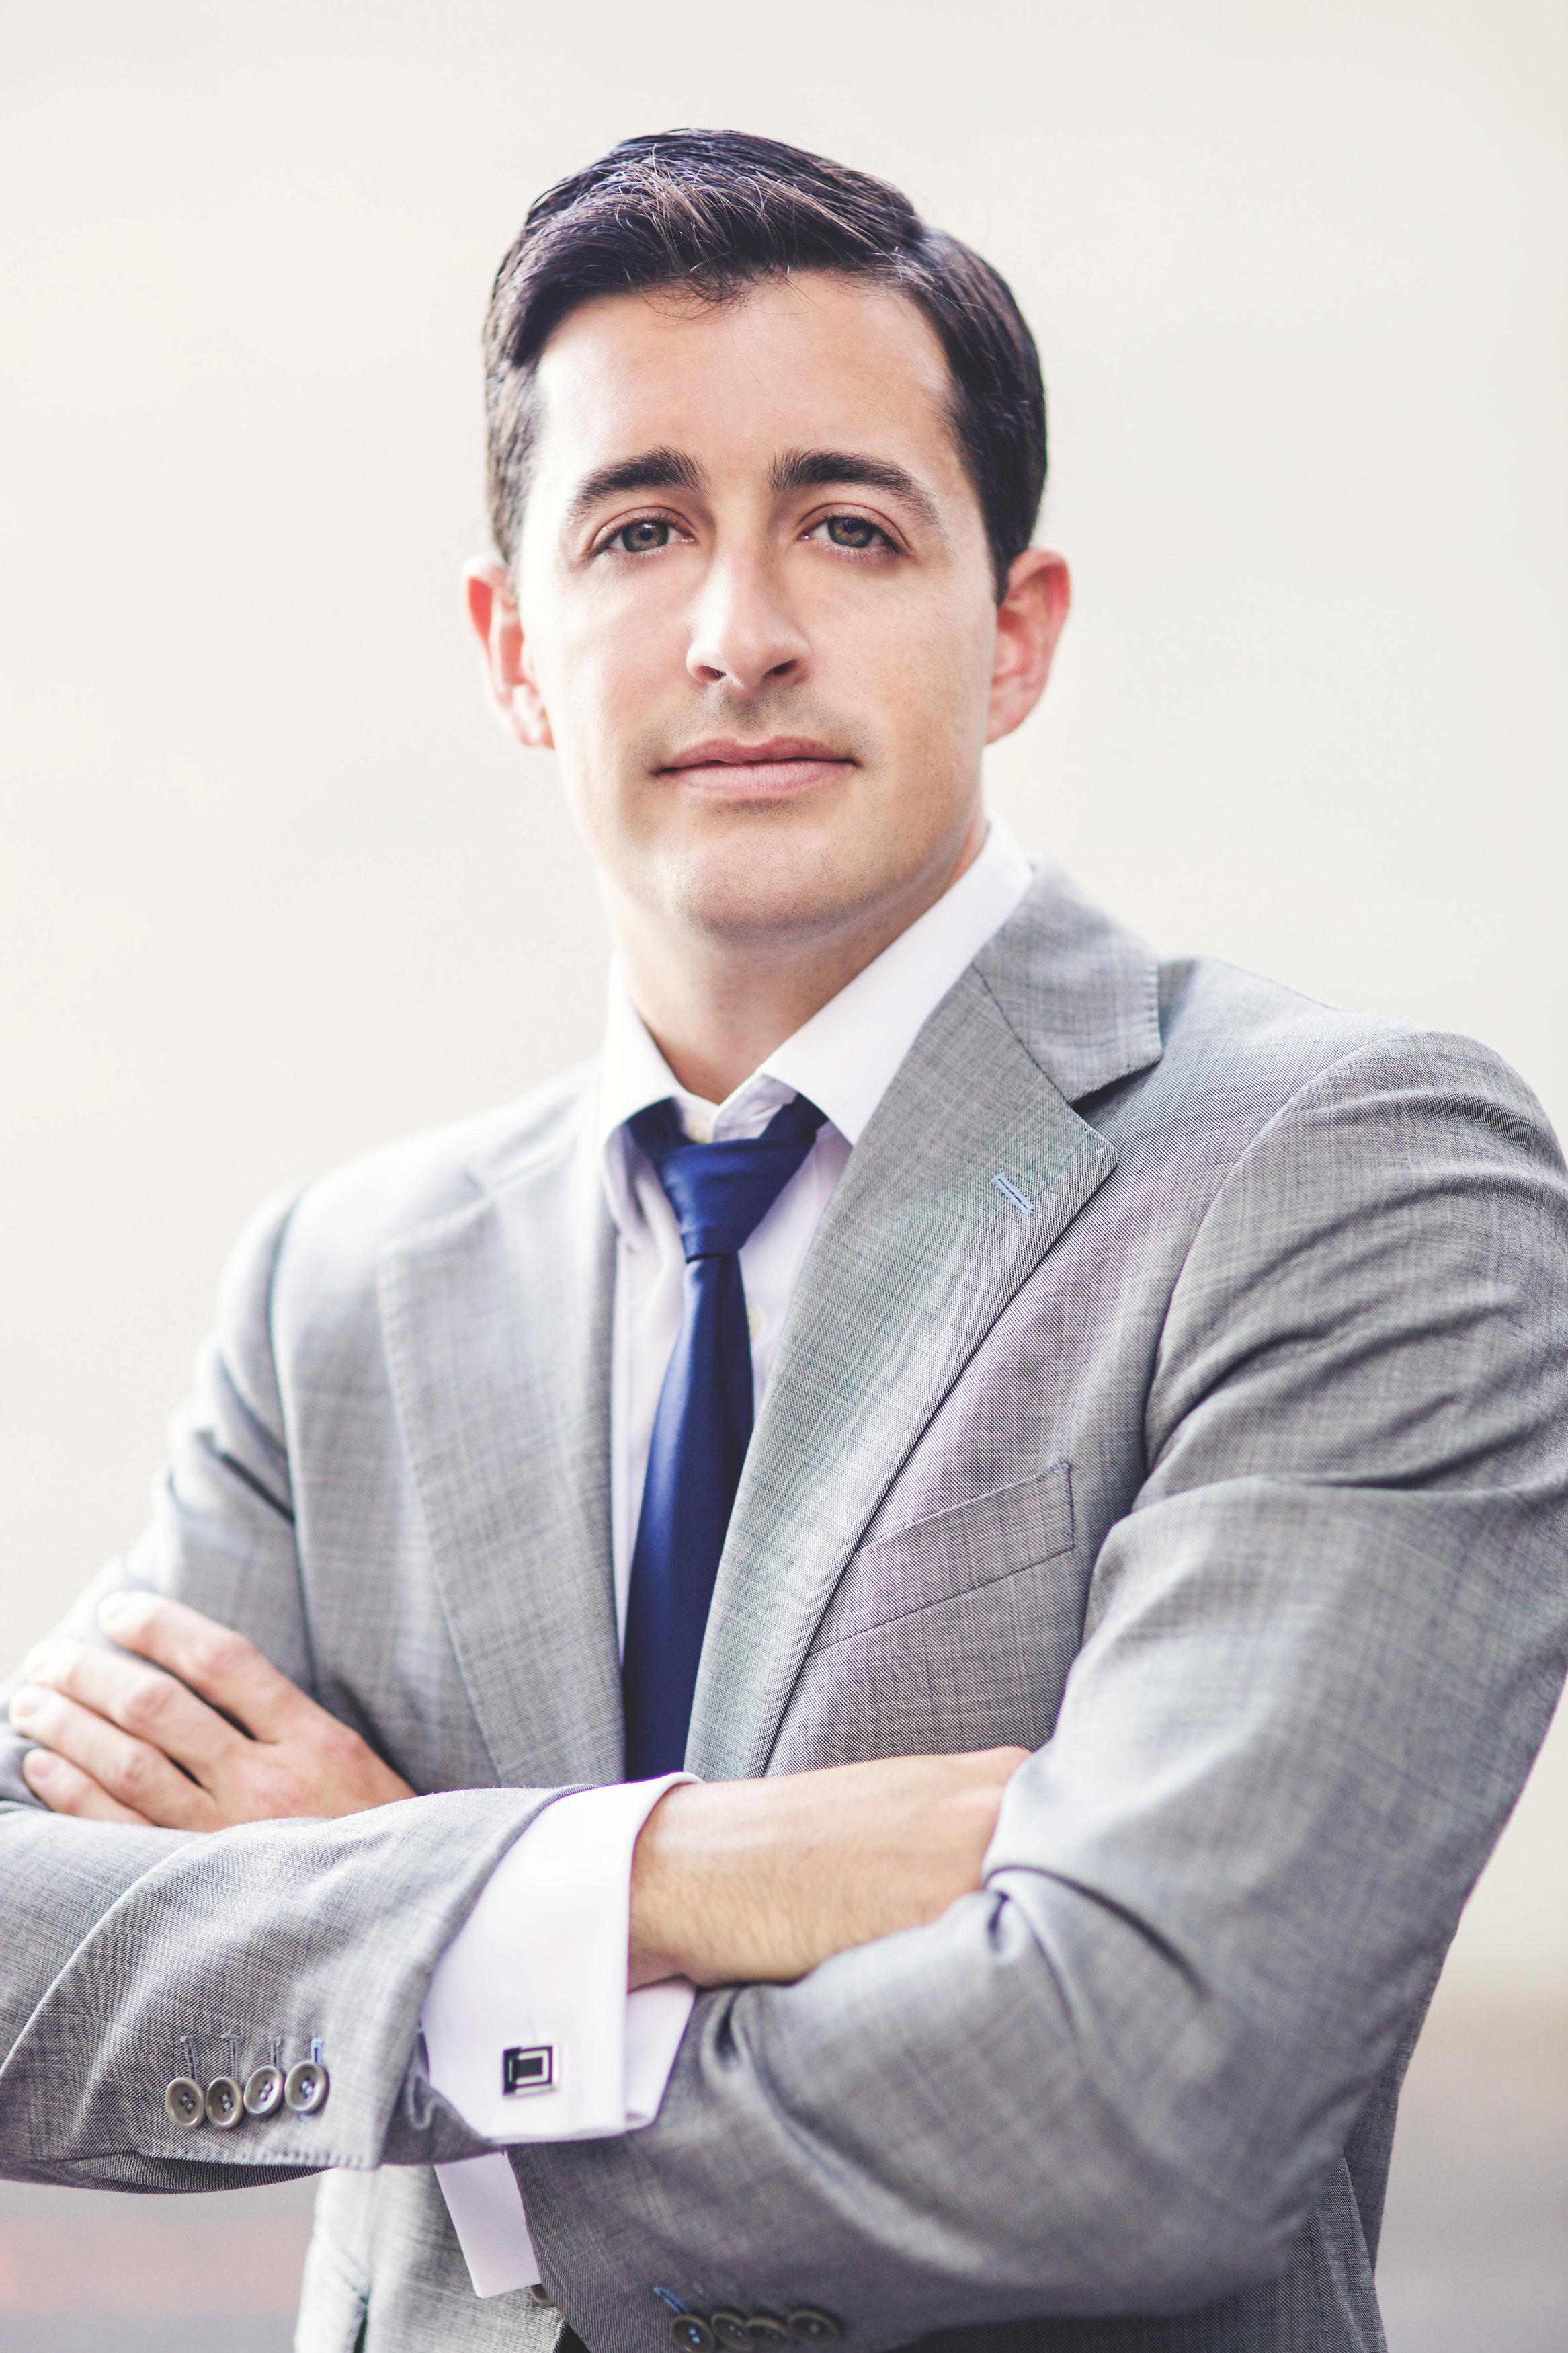 Anthony Chiaravallo